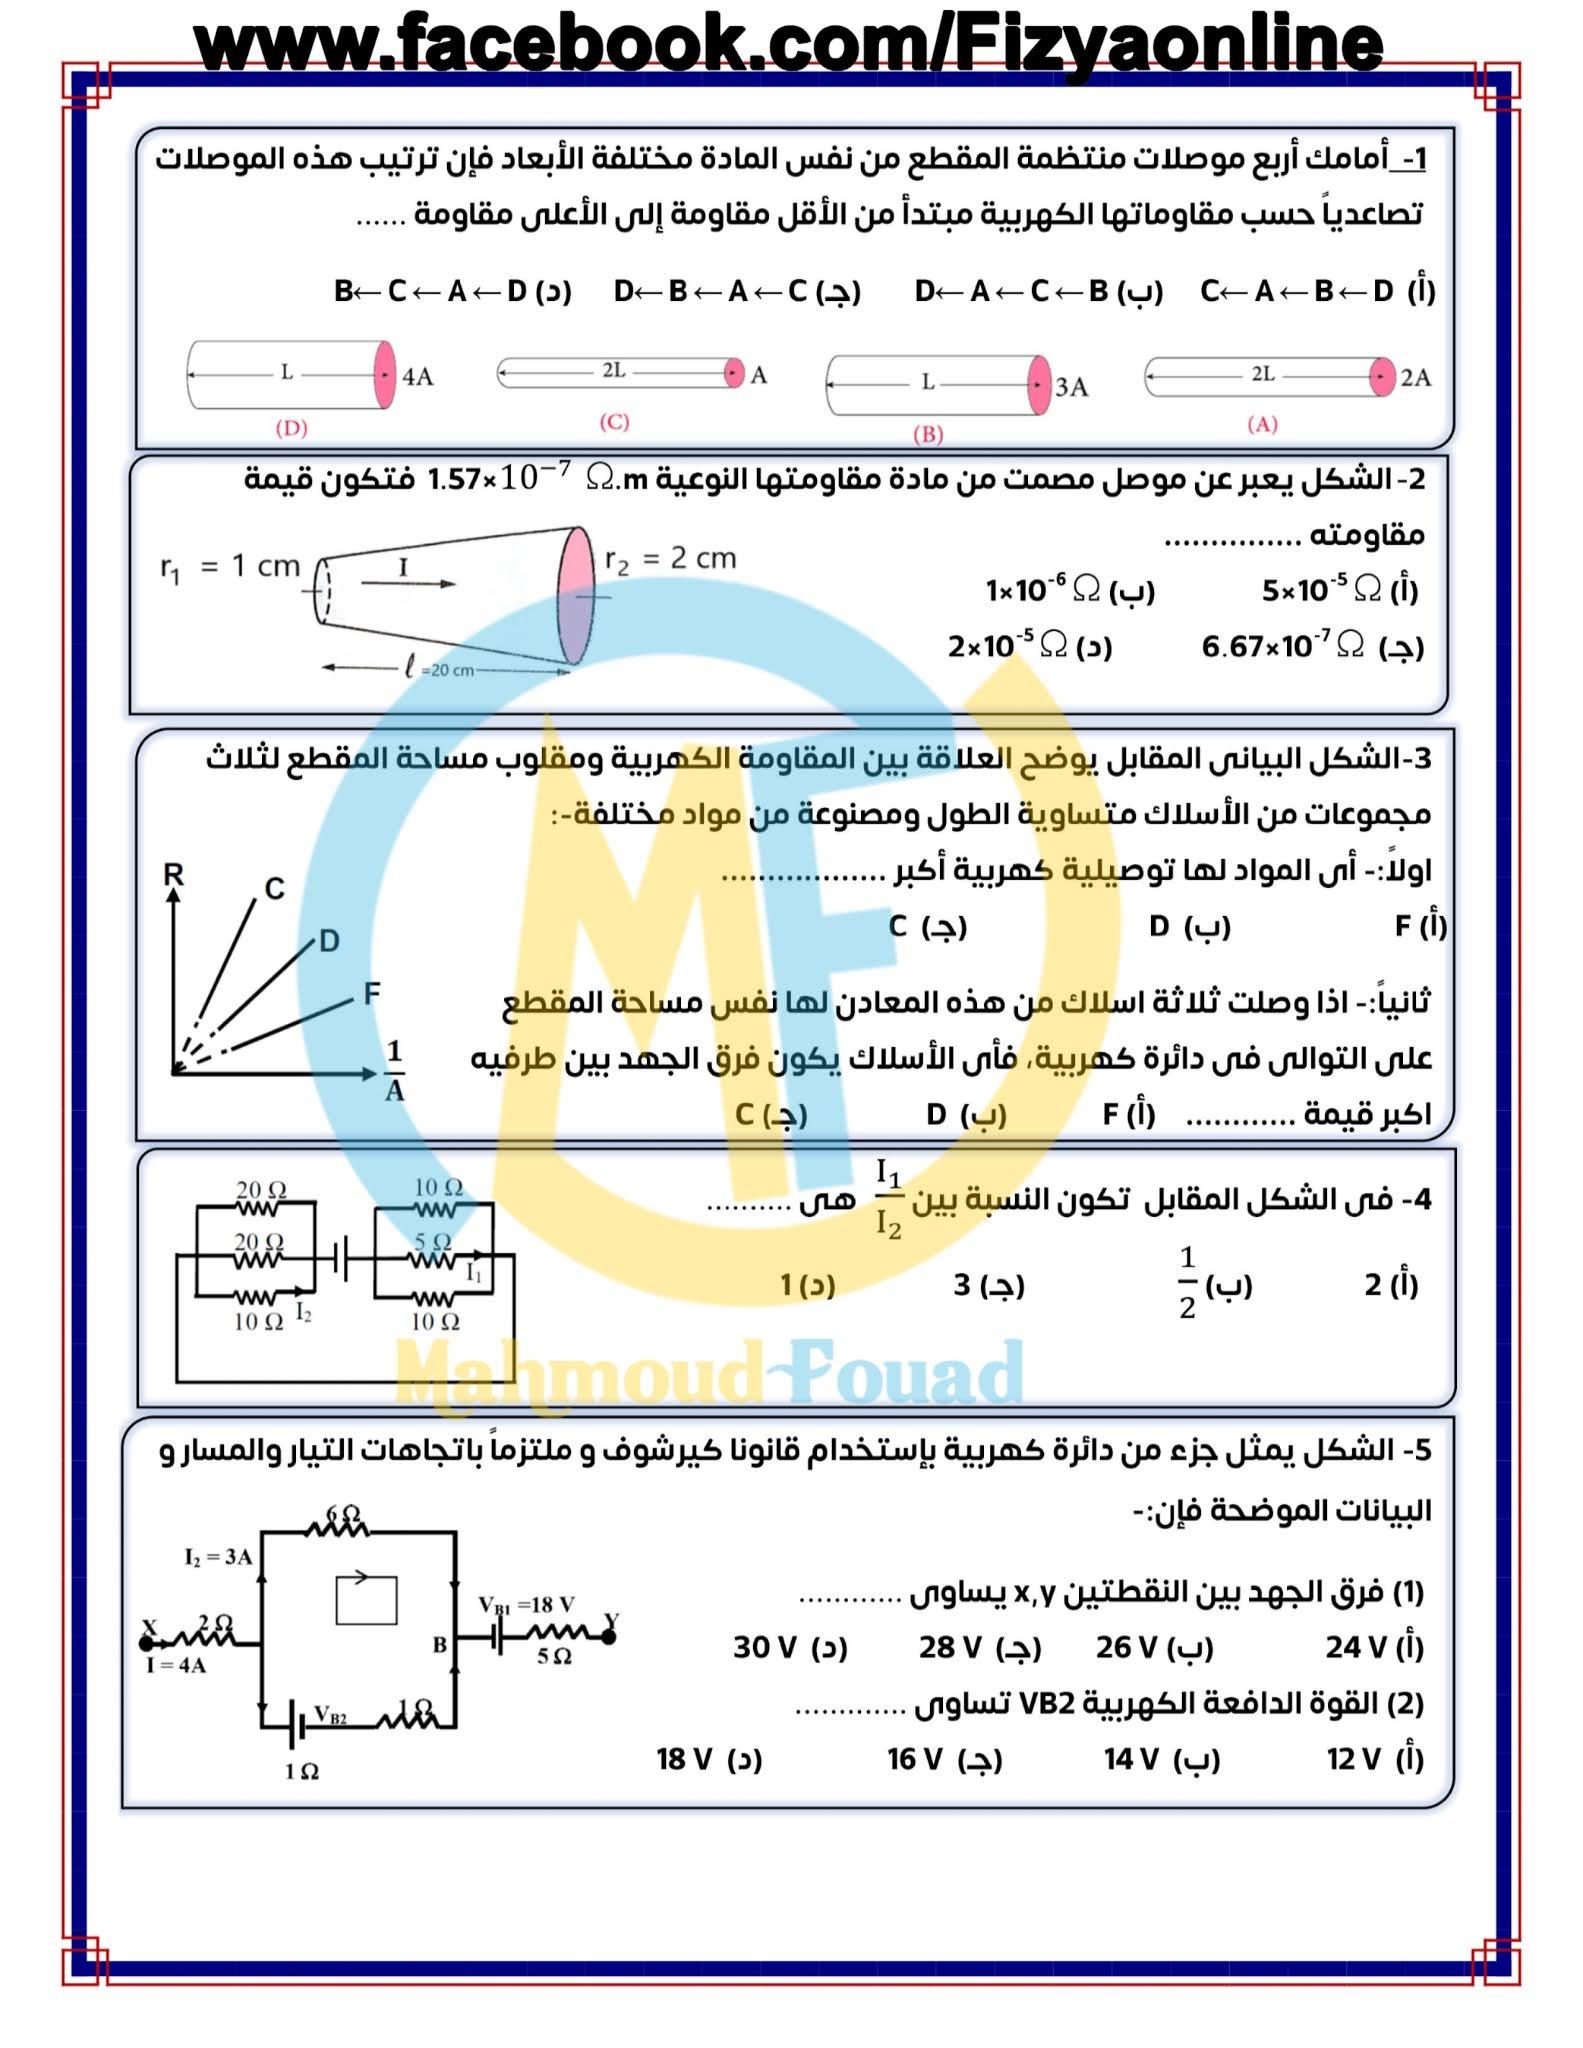 الجزء الاول مراجعة فيزياء للصف الثالث الثانوى ( مراجعة اليوم السابع)